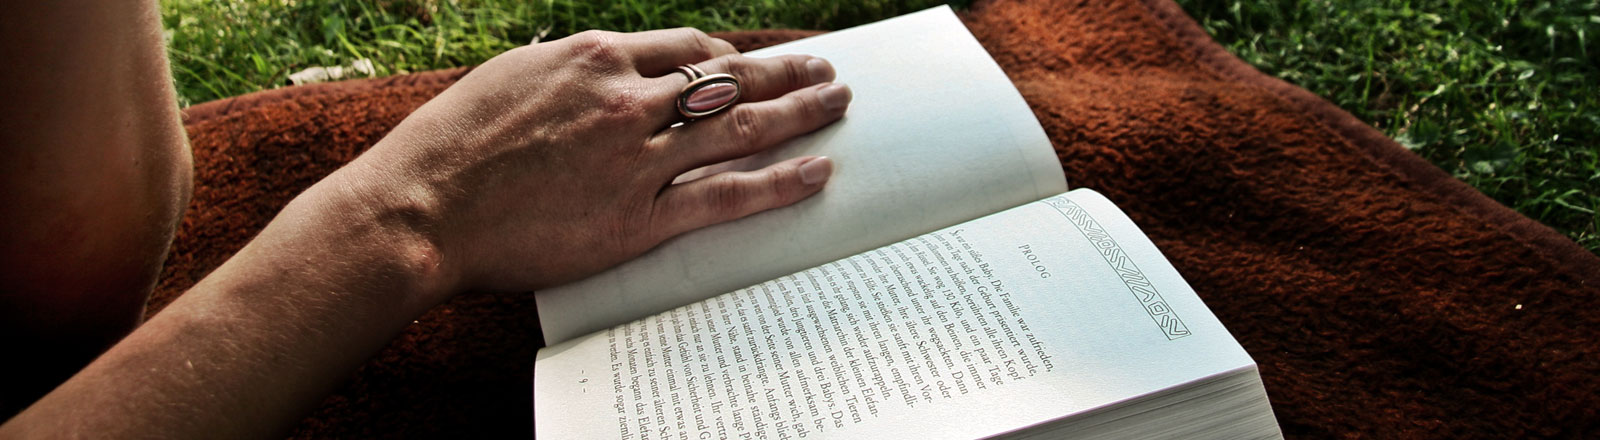 Eine Frau liest ein Buch auf einer Wiese.